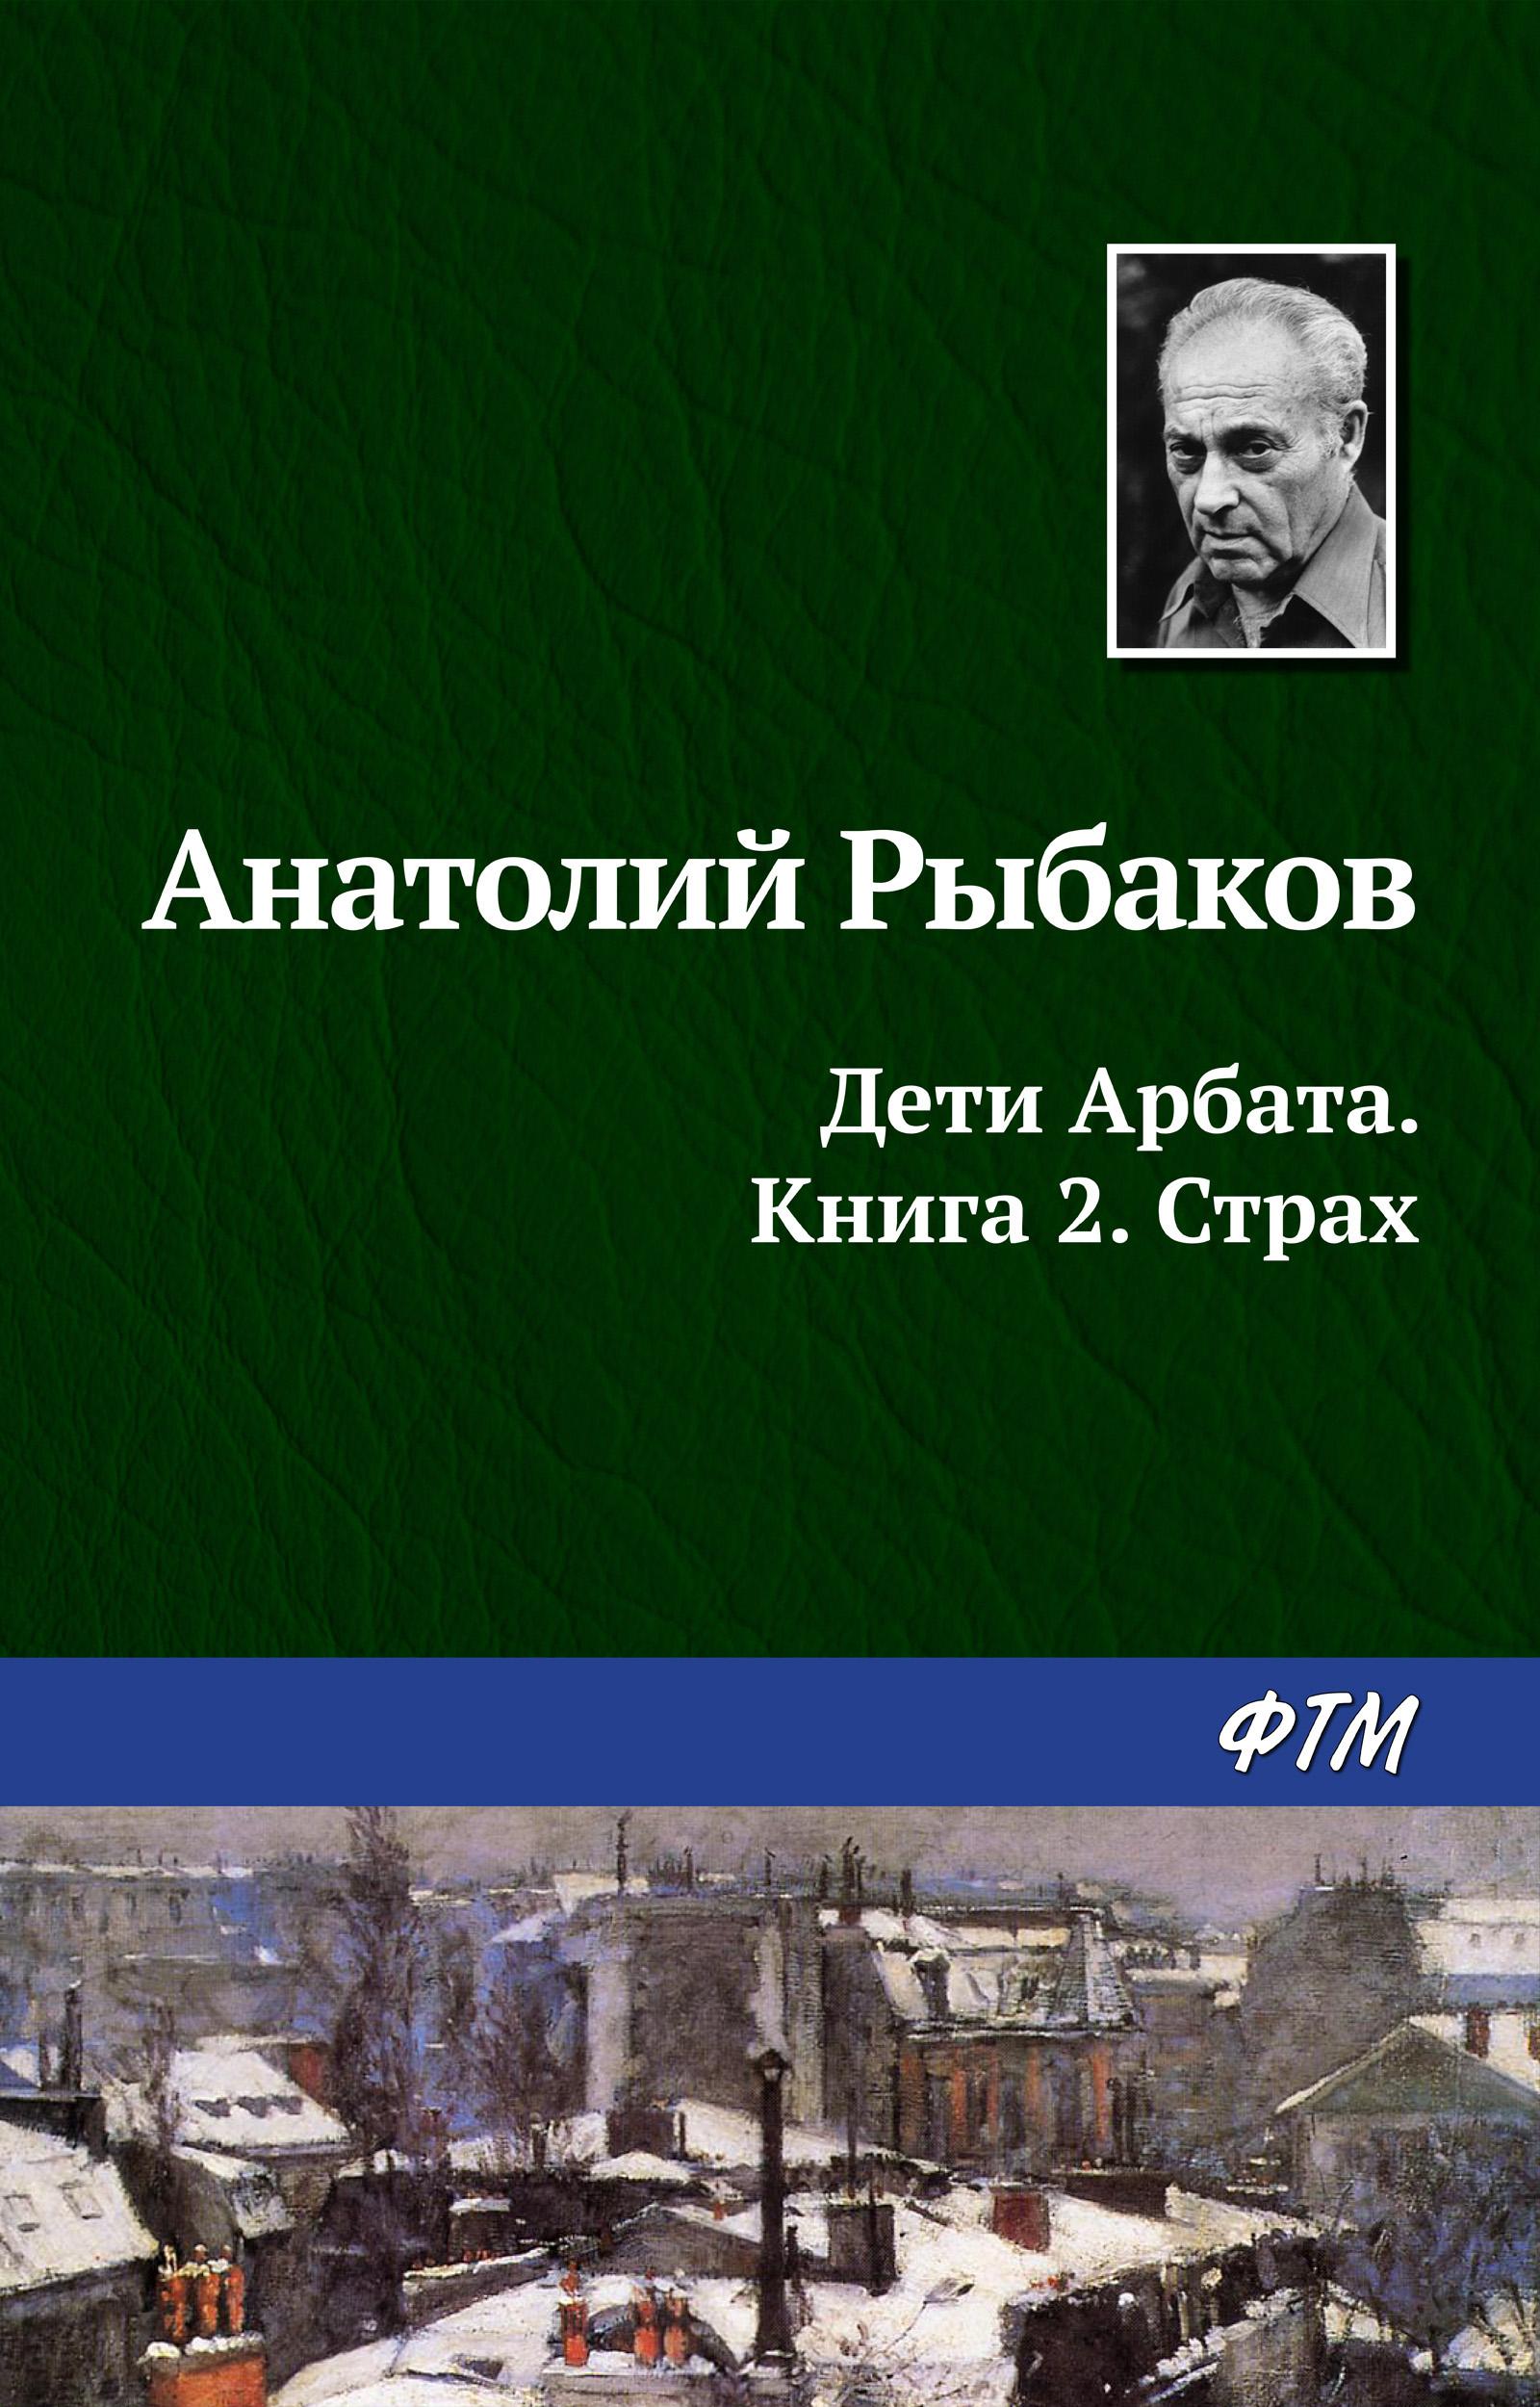 Анатолий Рыбаков Страх